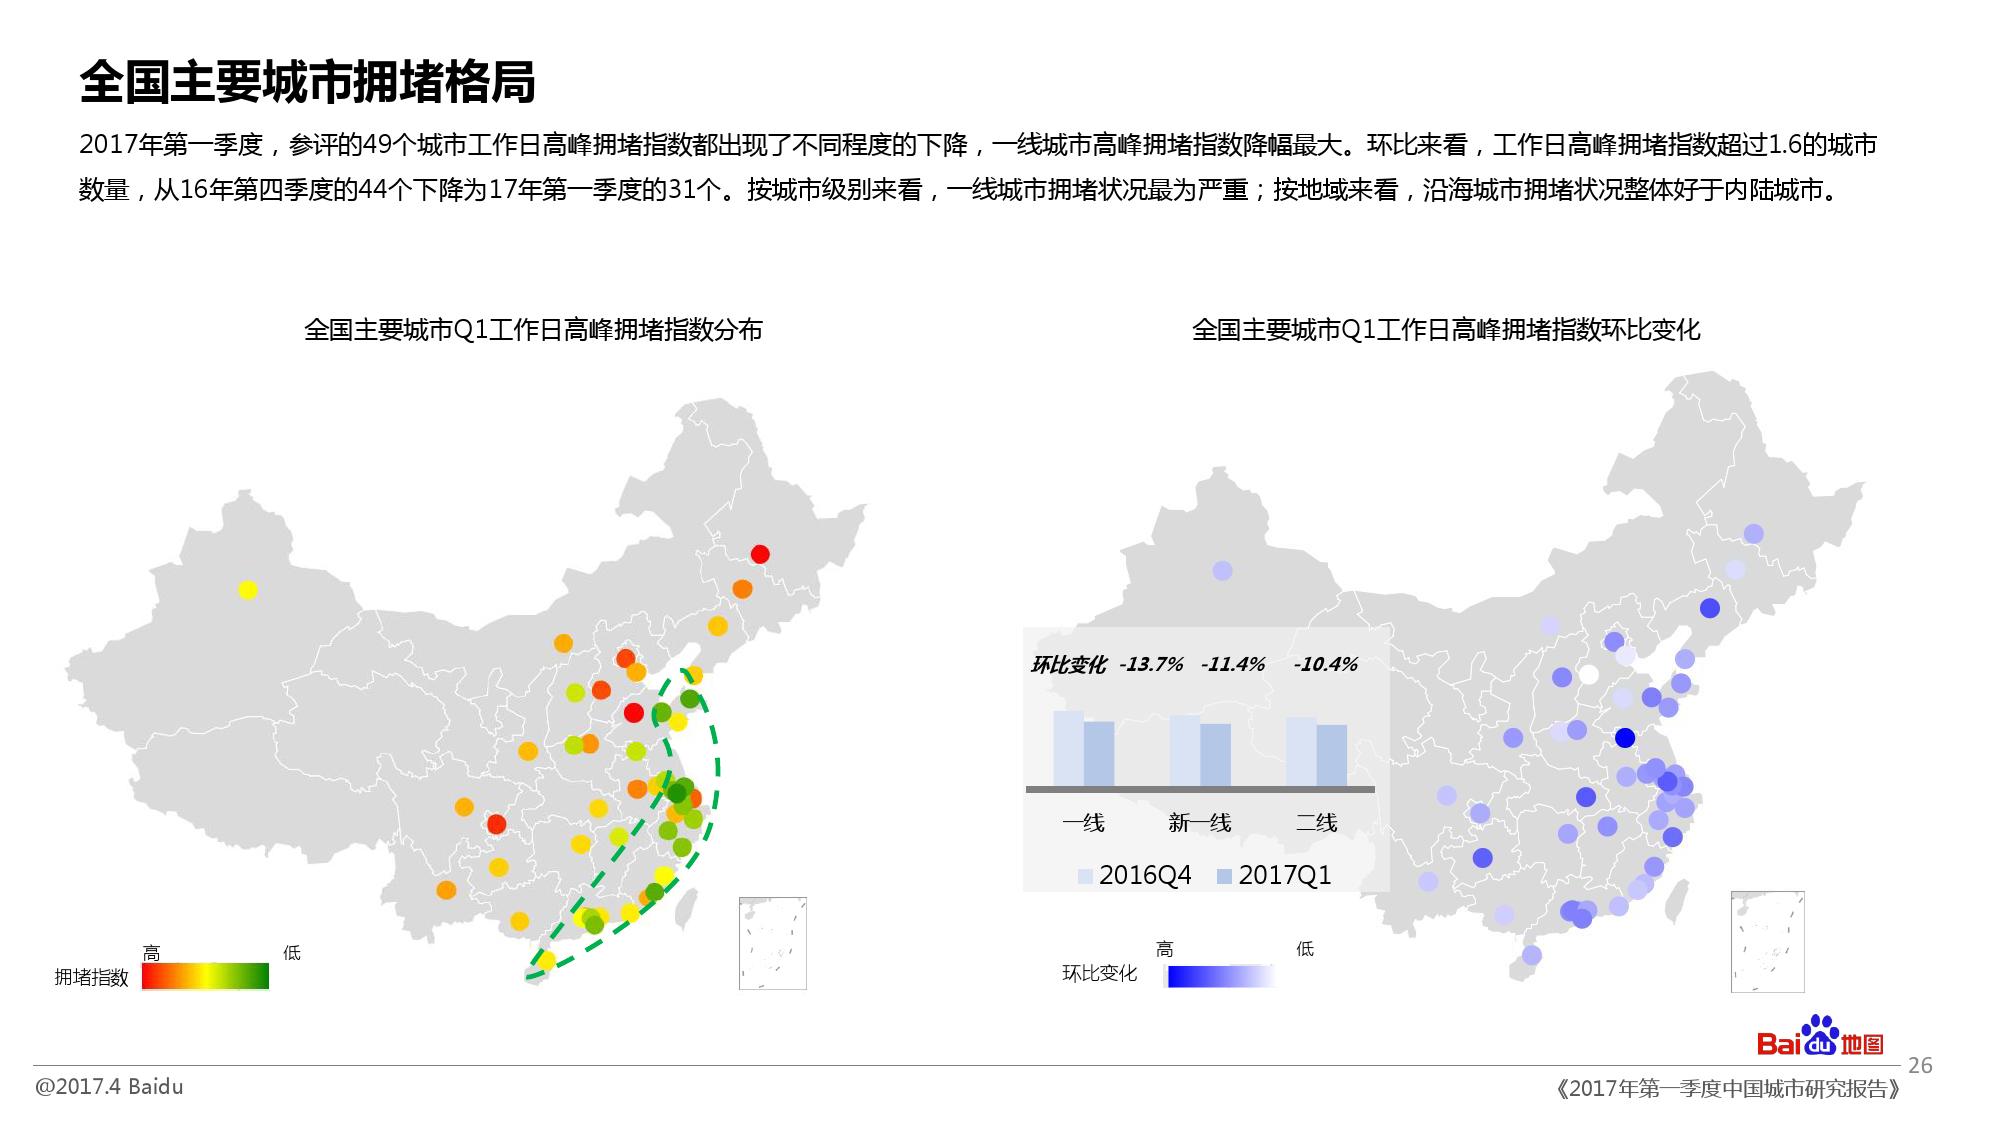 2017年深圳人口_百度地图大数据 全国主要城市人口吸引力与交通